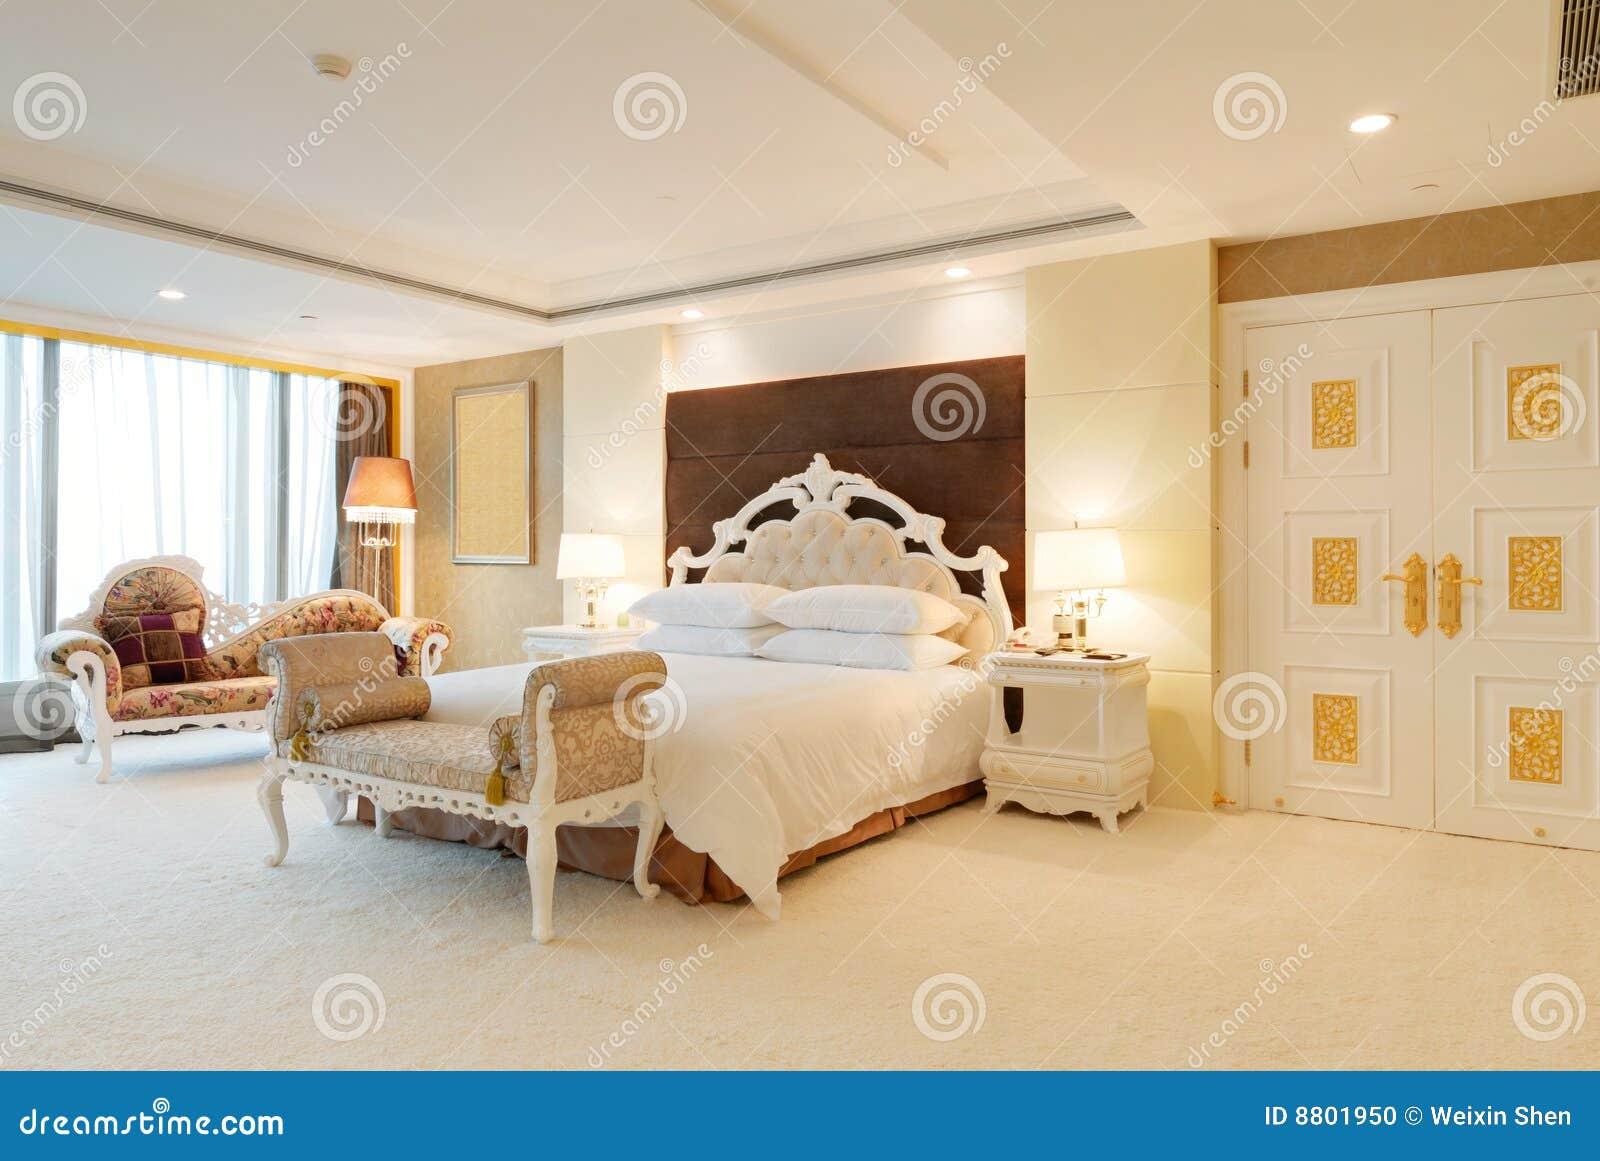 Camera da letto della serie di lusso in hotel fotografia for Arredamento hotel lusso